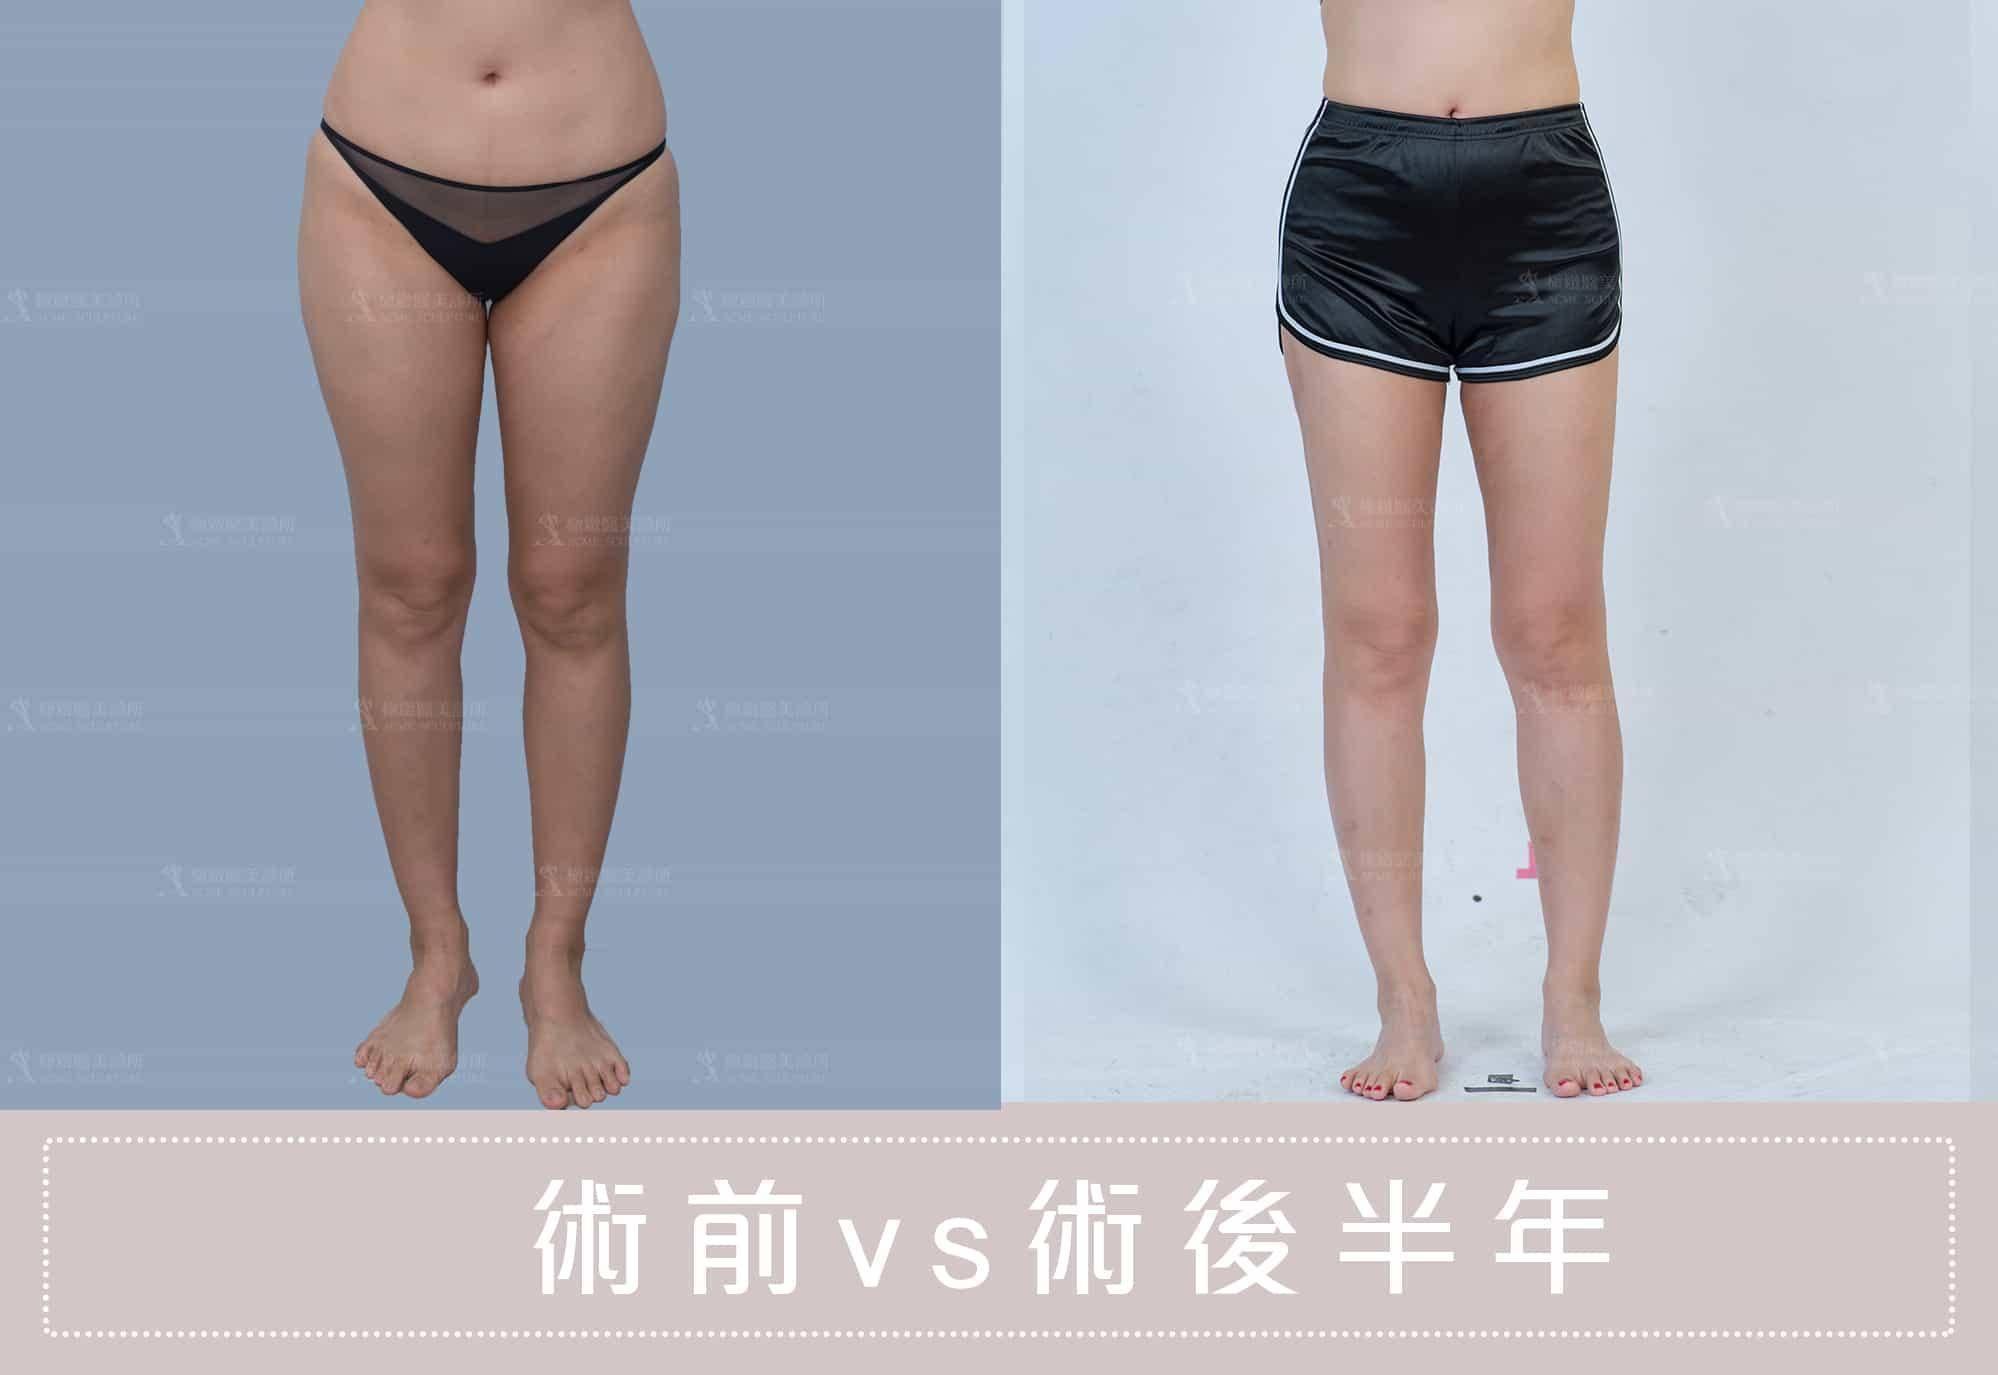 威塑抽脂讓你擁有迷人大腿線條